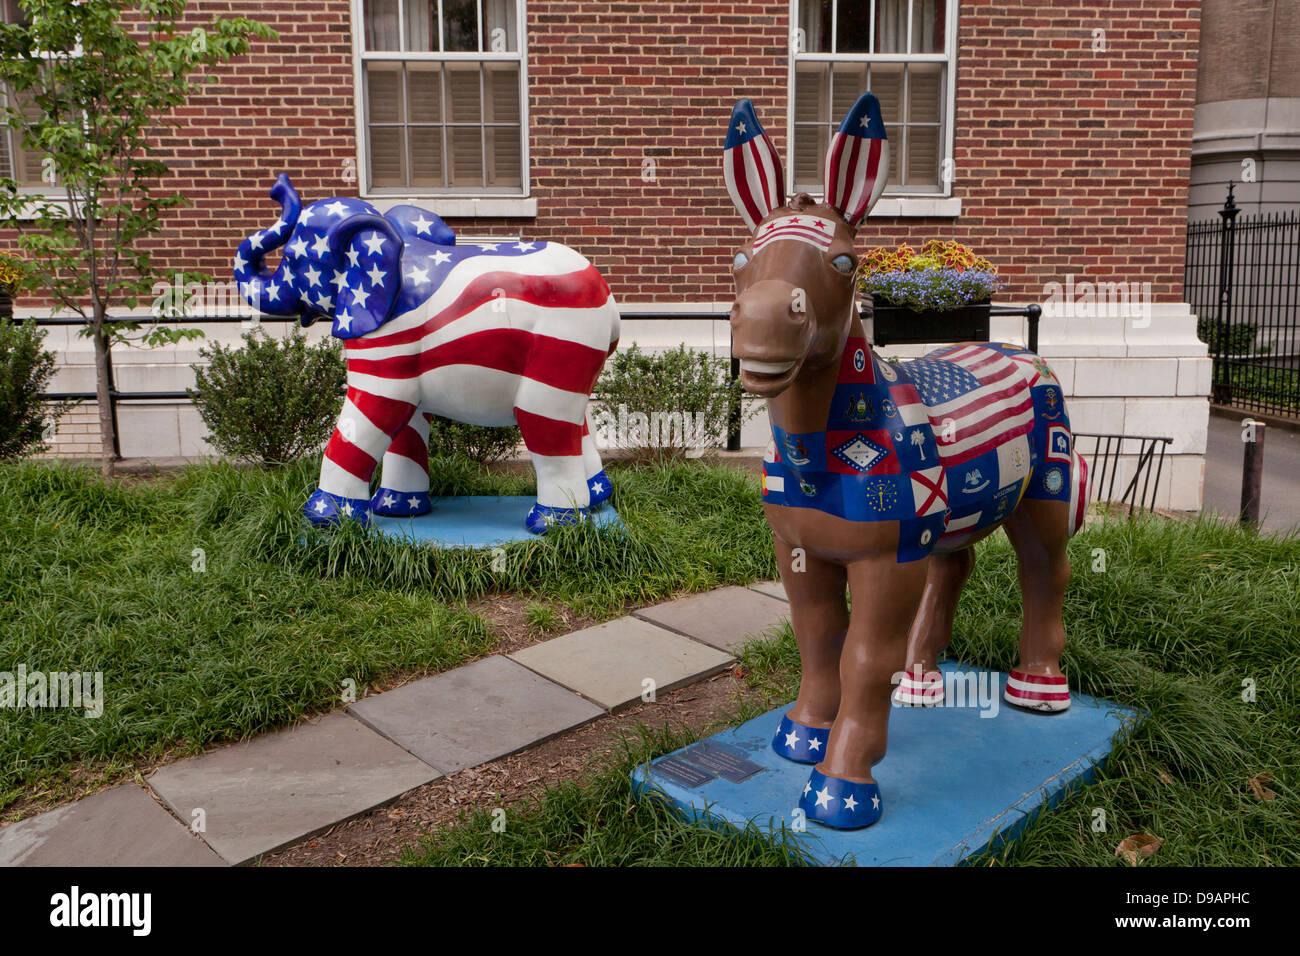 Parti politique nous mascottes, l'âne et l'éléphant, peint en rouge, blanc et bleu Photo Stock